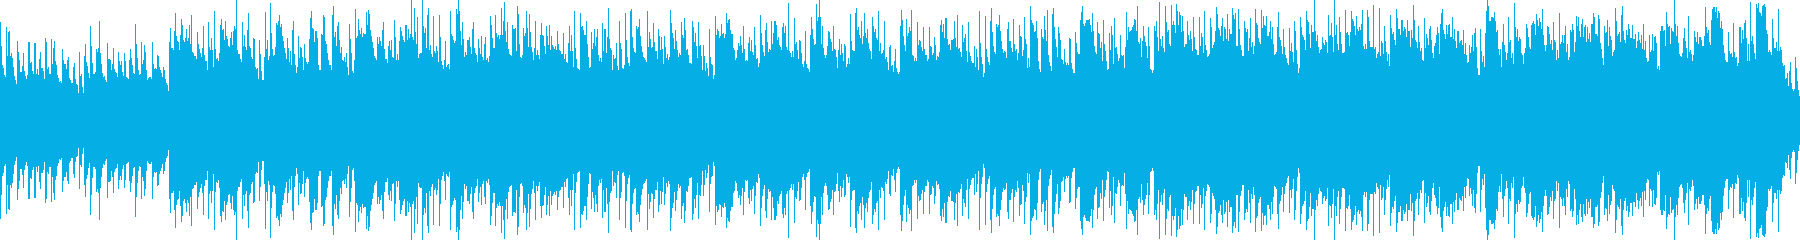 ほのぼの穏やかなアコースティック ループの再生済みの波形